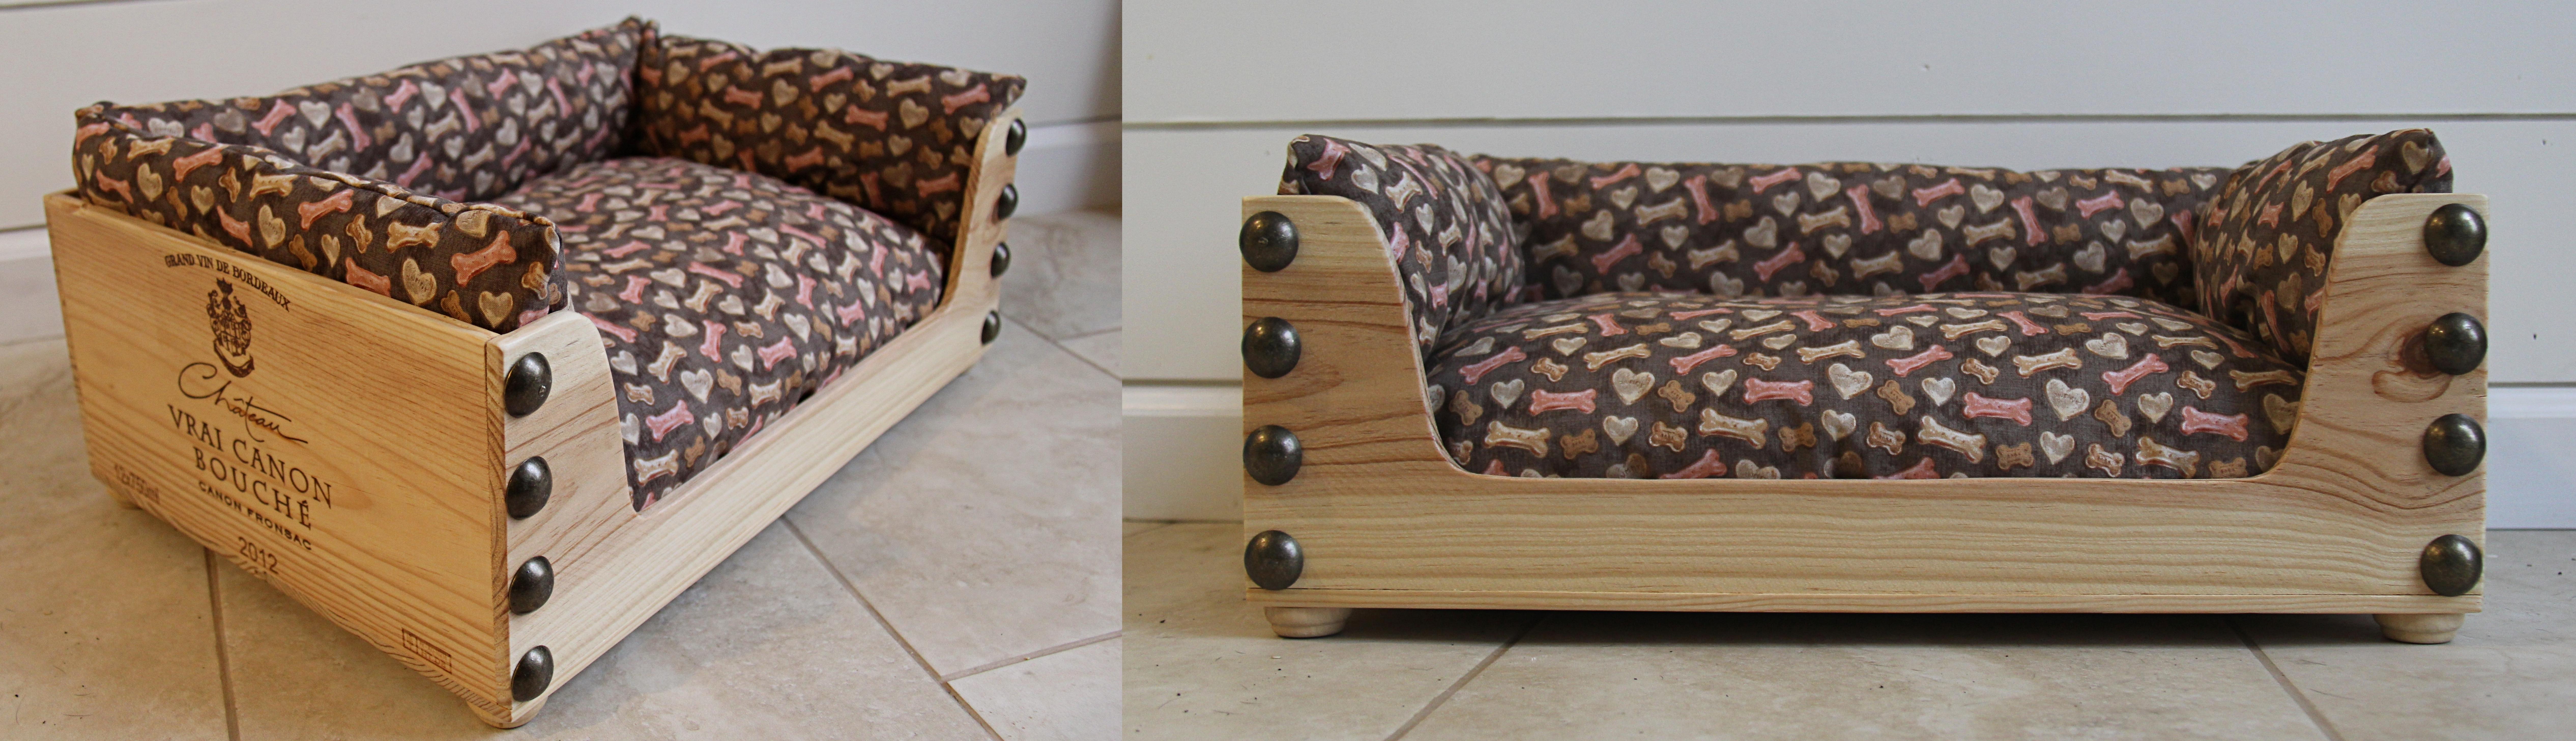 Wine Crate Pet Bed-Bones